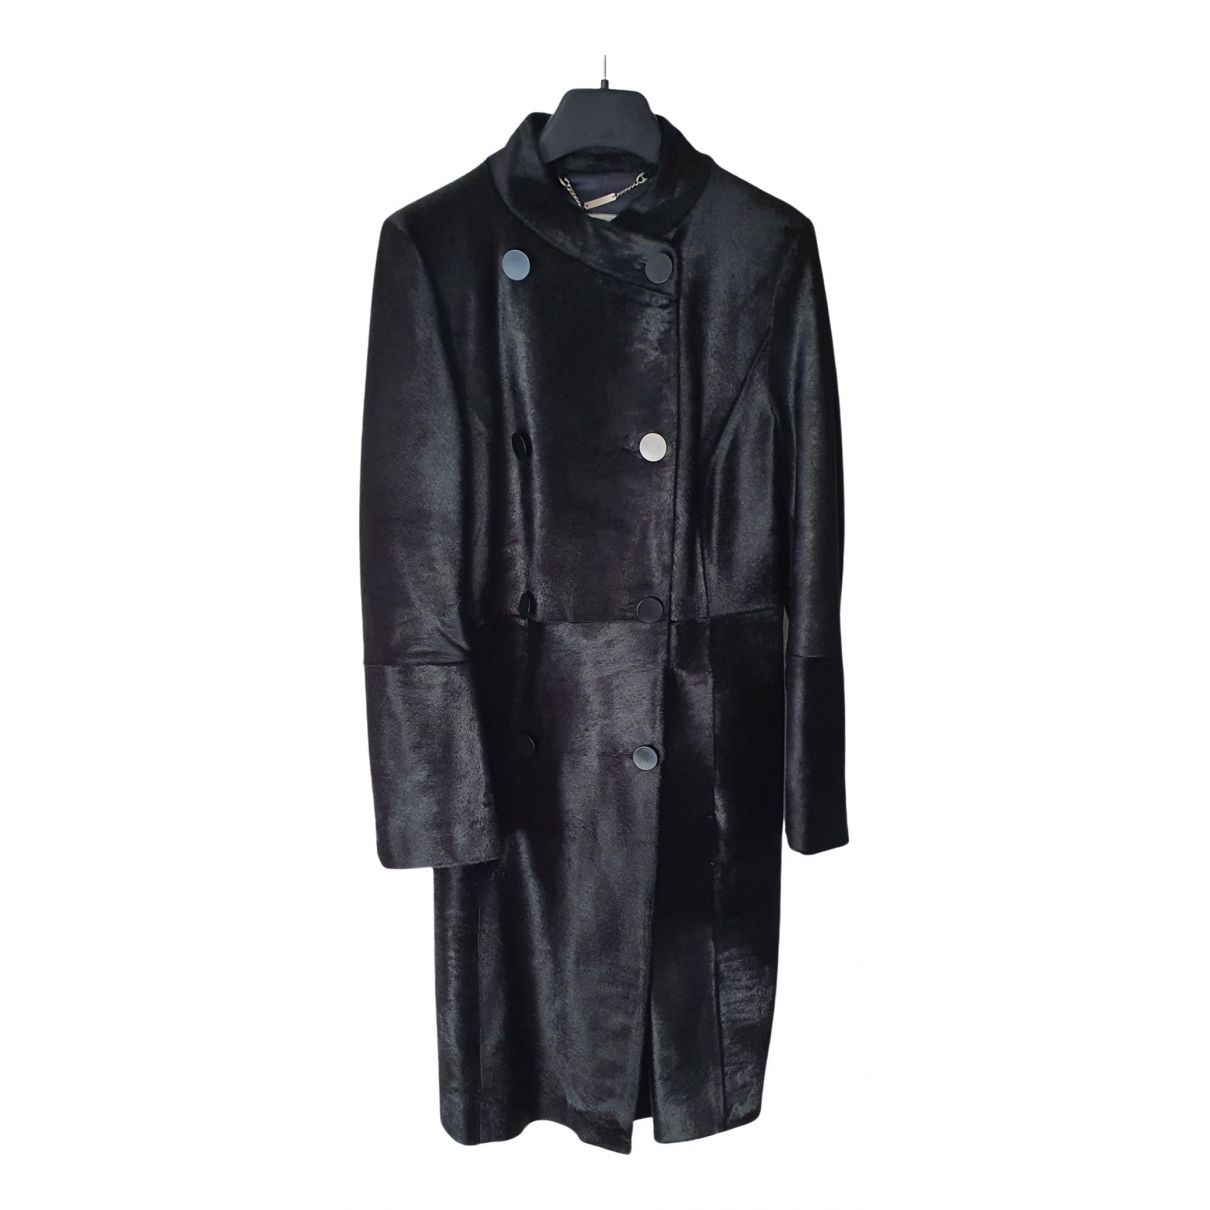 Jaeger London - Manteau   pour femme en fourrure - noir